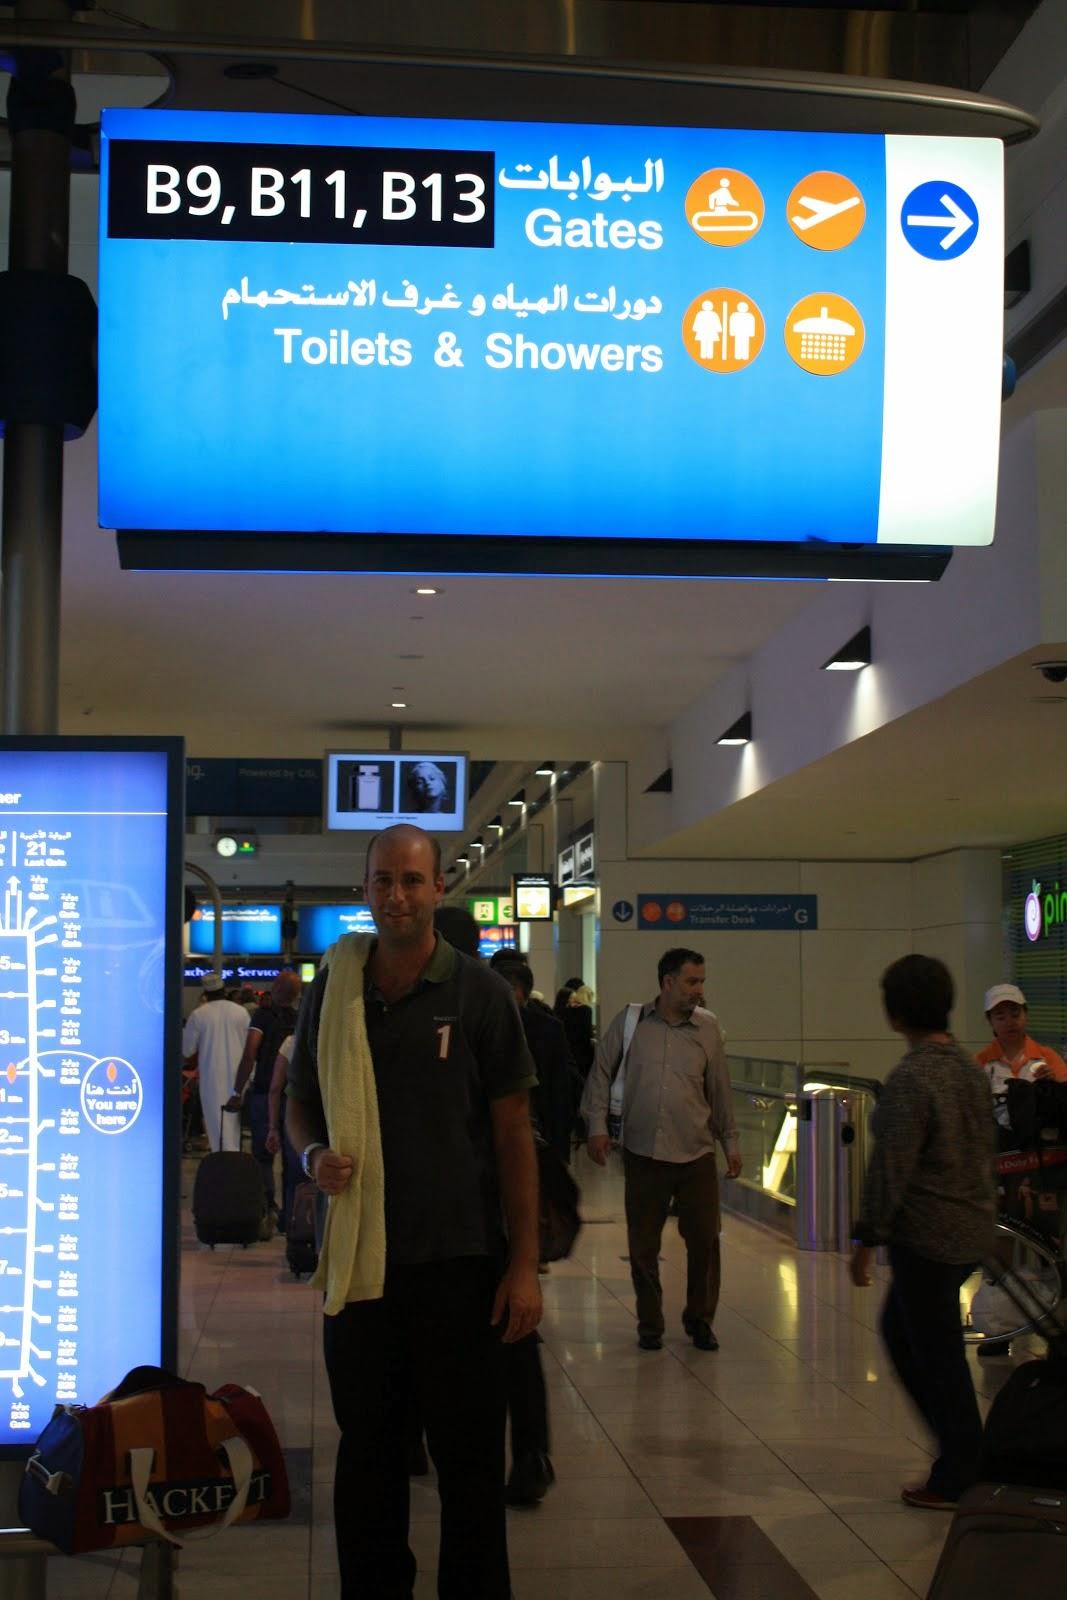 duchas en el aeropuerto de Dubai